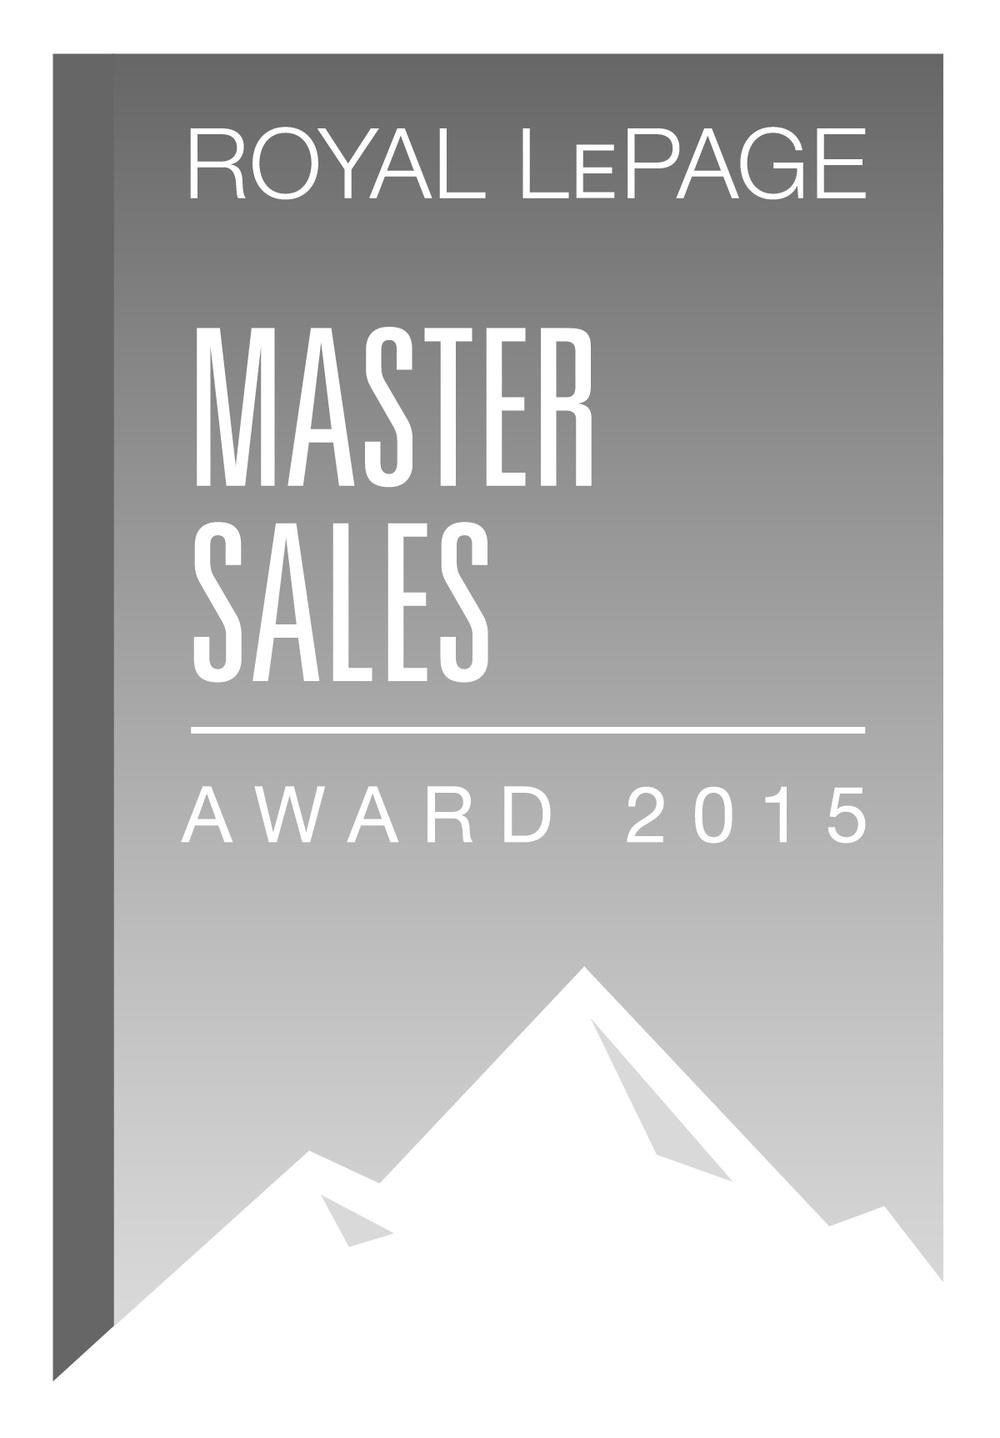 RLP-MasterSales-2015-EN-CMYK.jpg